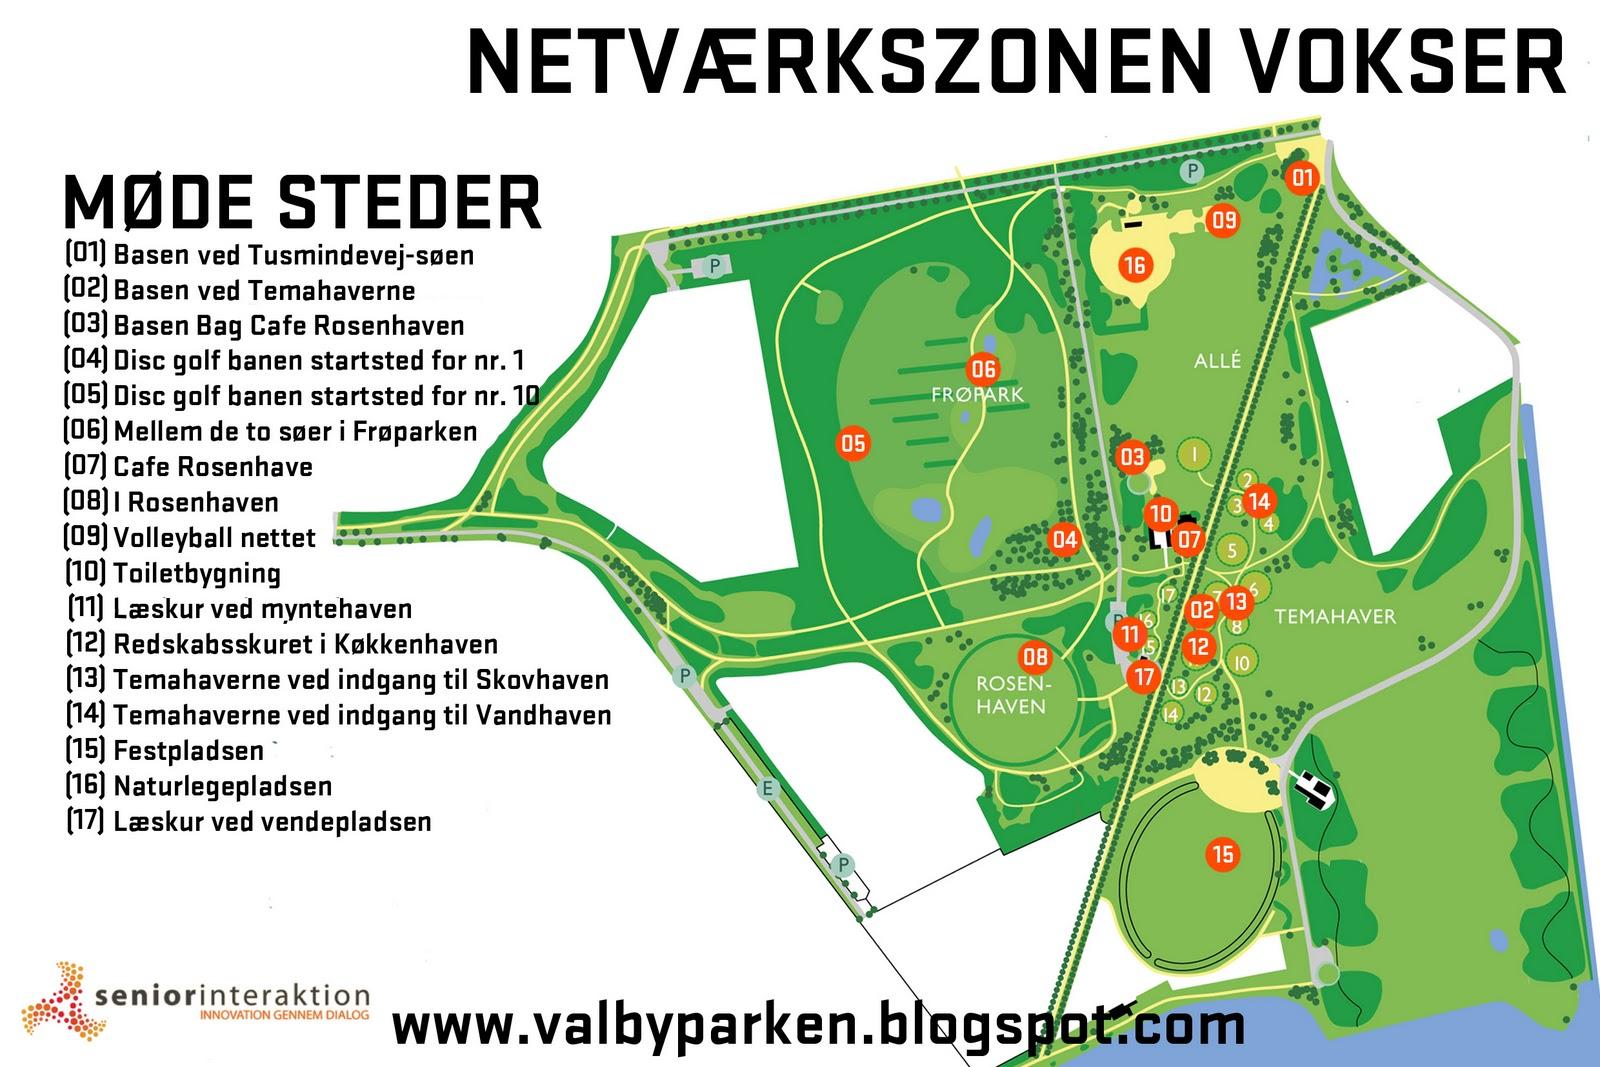 Aktivt Udeliv I Valbyparken Kort Over Parken